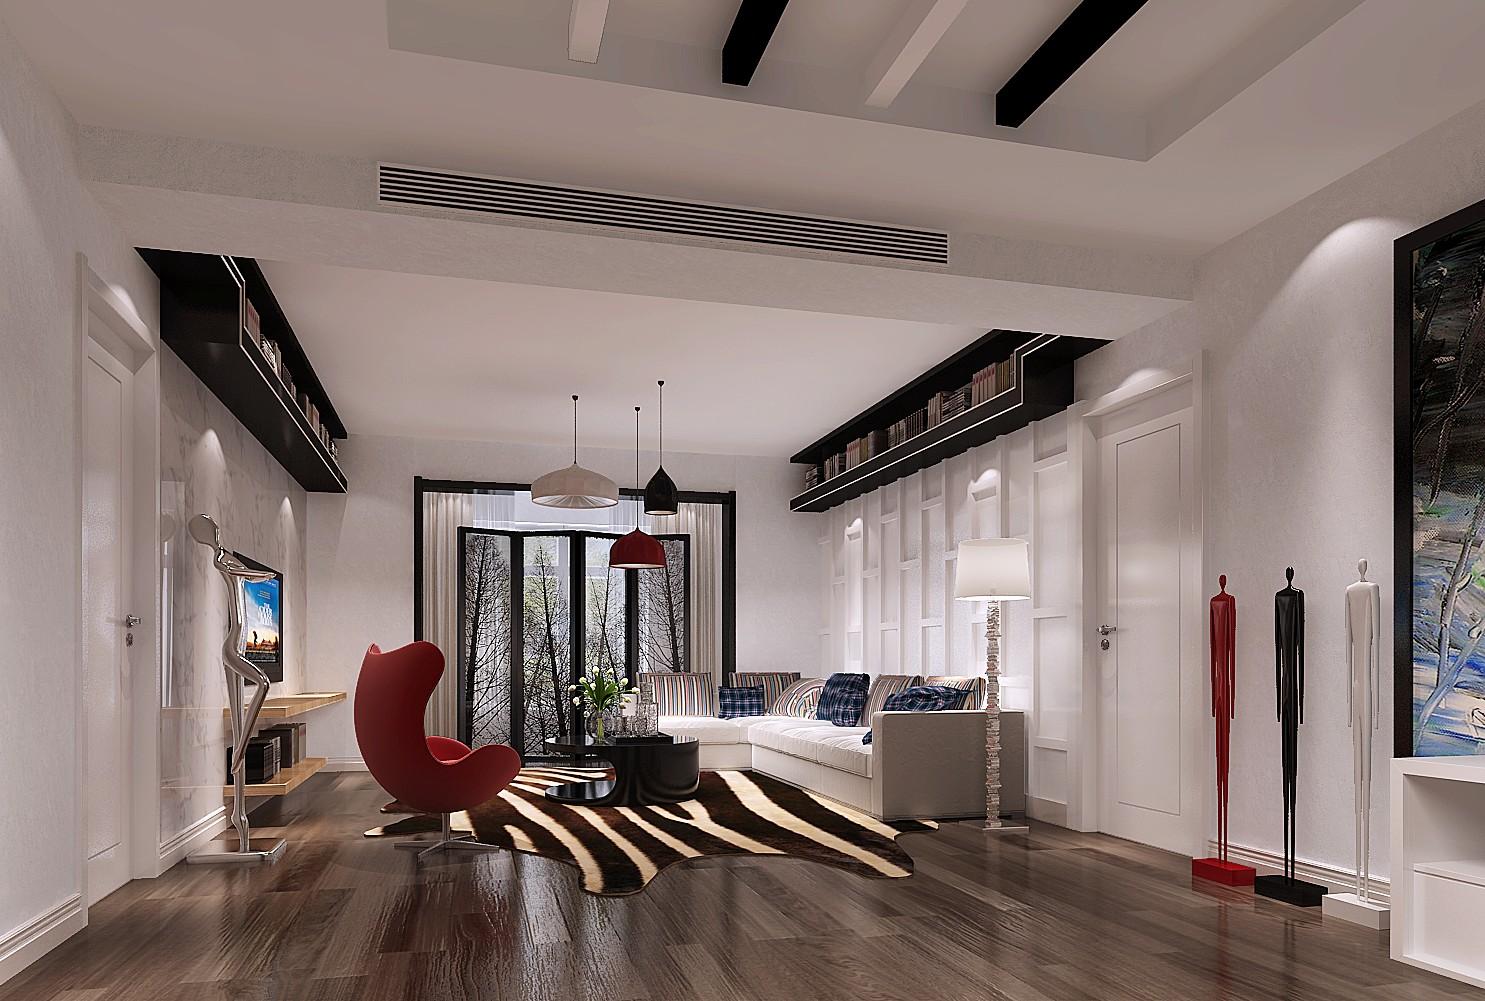 金科王府 高度国际 二居 三居 简约 现代 白领 80后 白富美 客厅图片来自北京高度国际装饰设计在金科王府现代简约超凡脱俗的分享